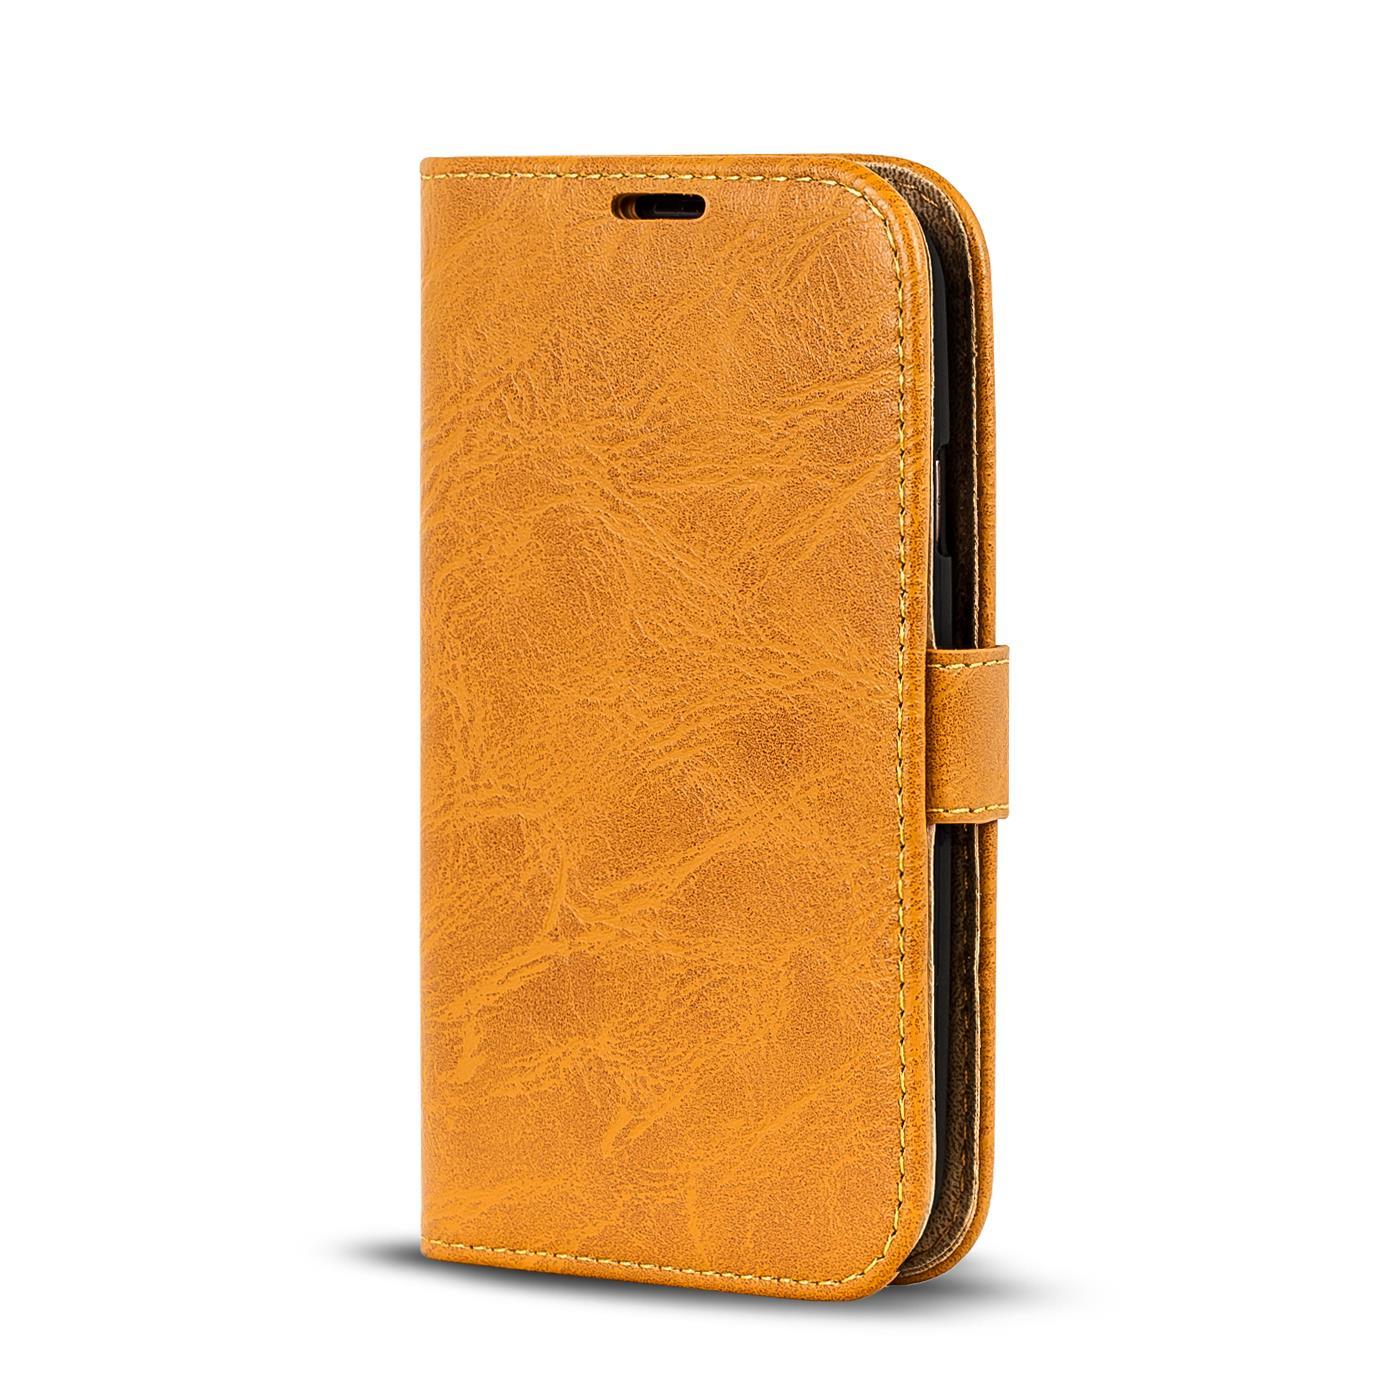 Klapphuelle-Samsung-Galaxy-S3-Mini-Huelle-Schutzhuelle-Wallet-Cover-Flip-Case Indexbild 9